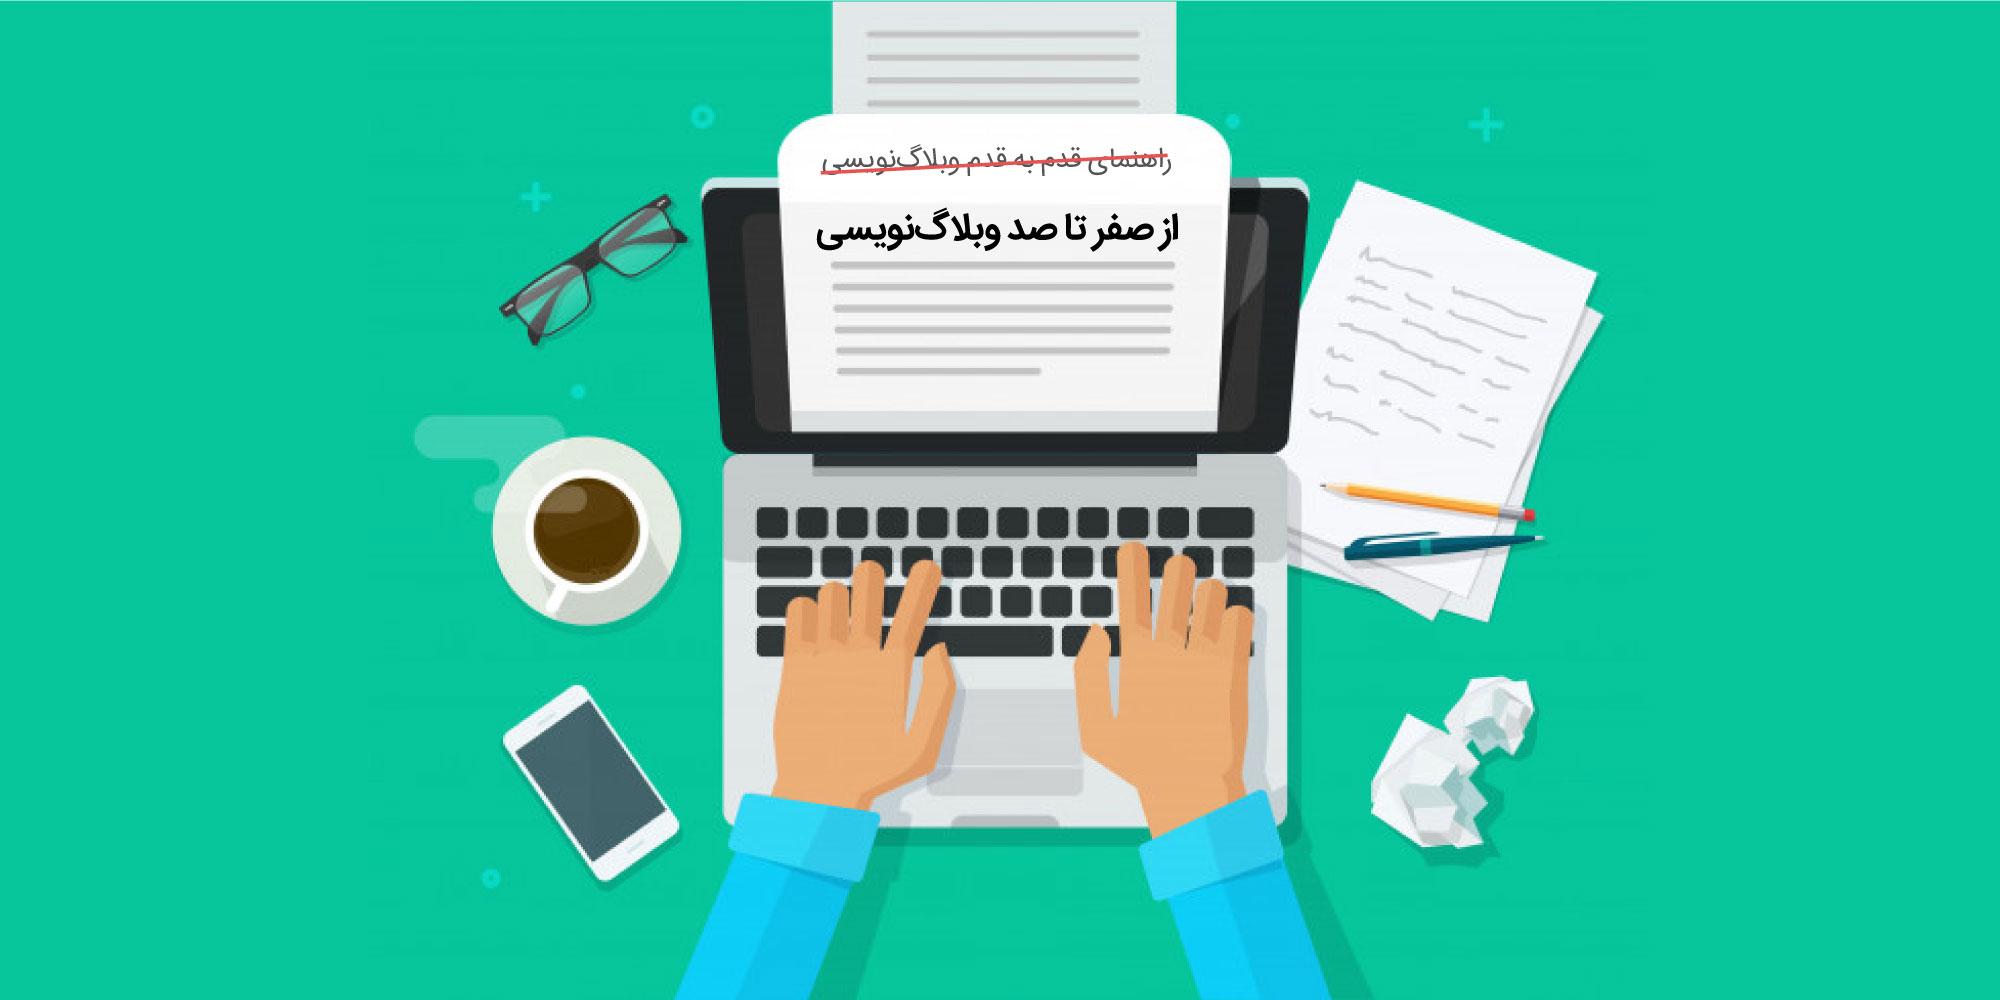 عنوان پست بلاگ